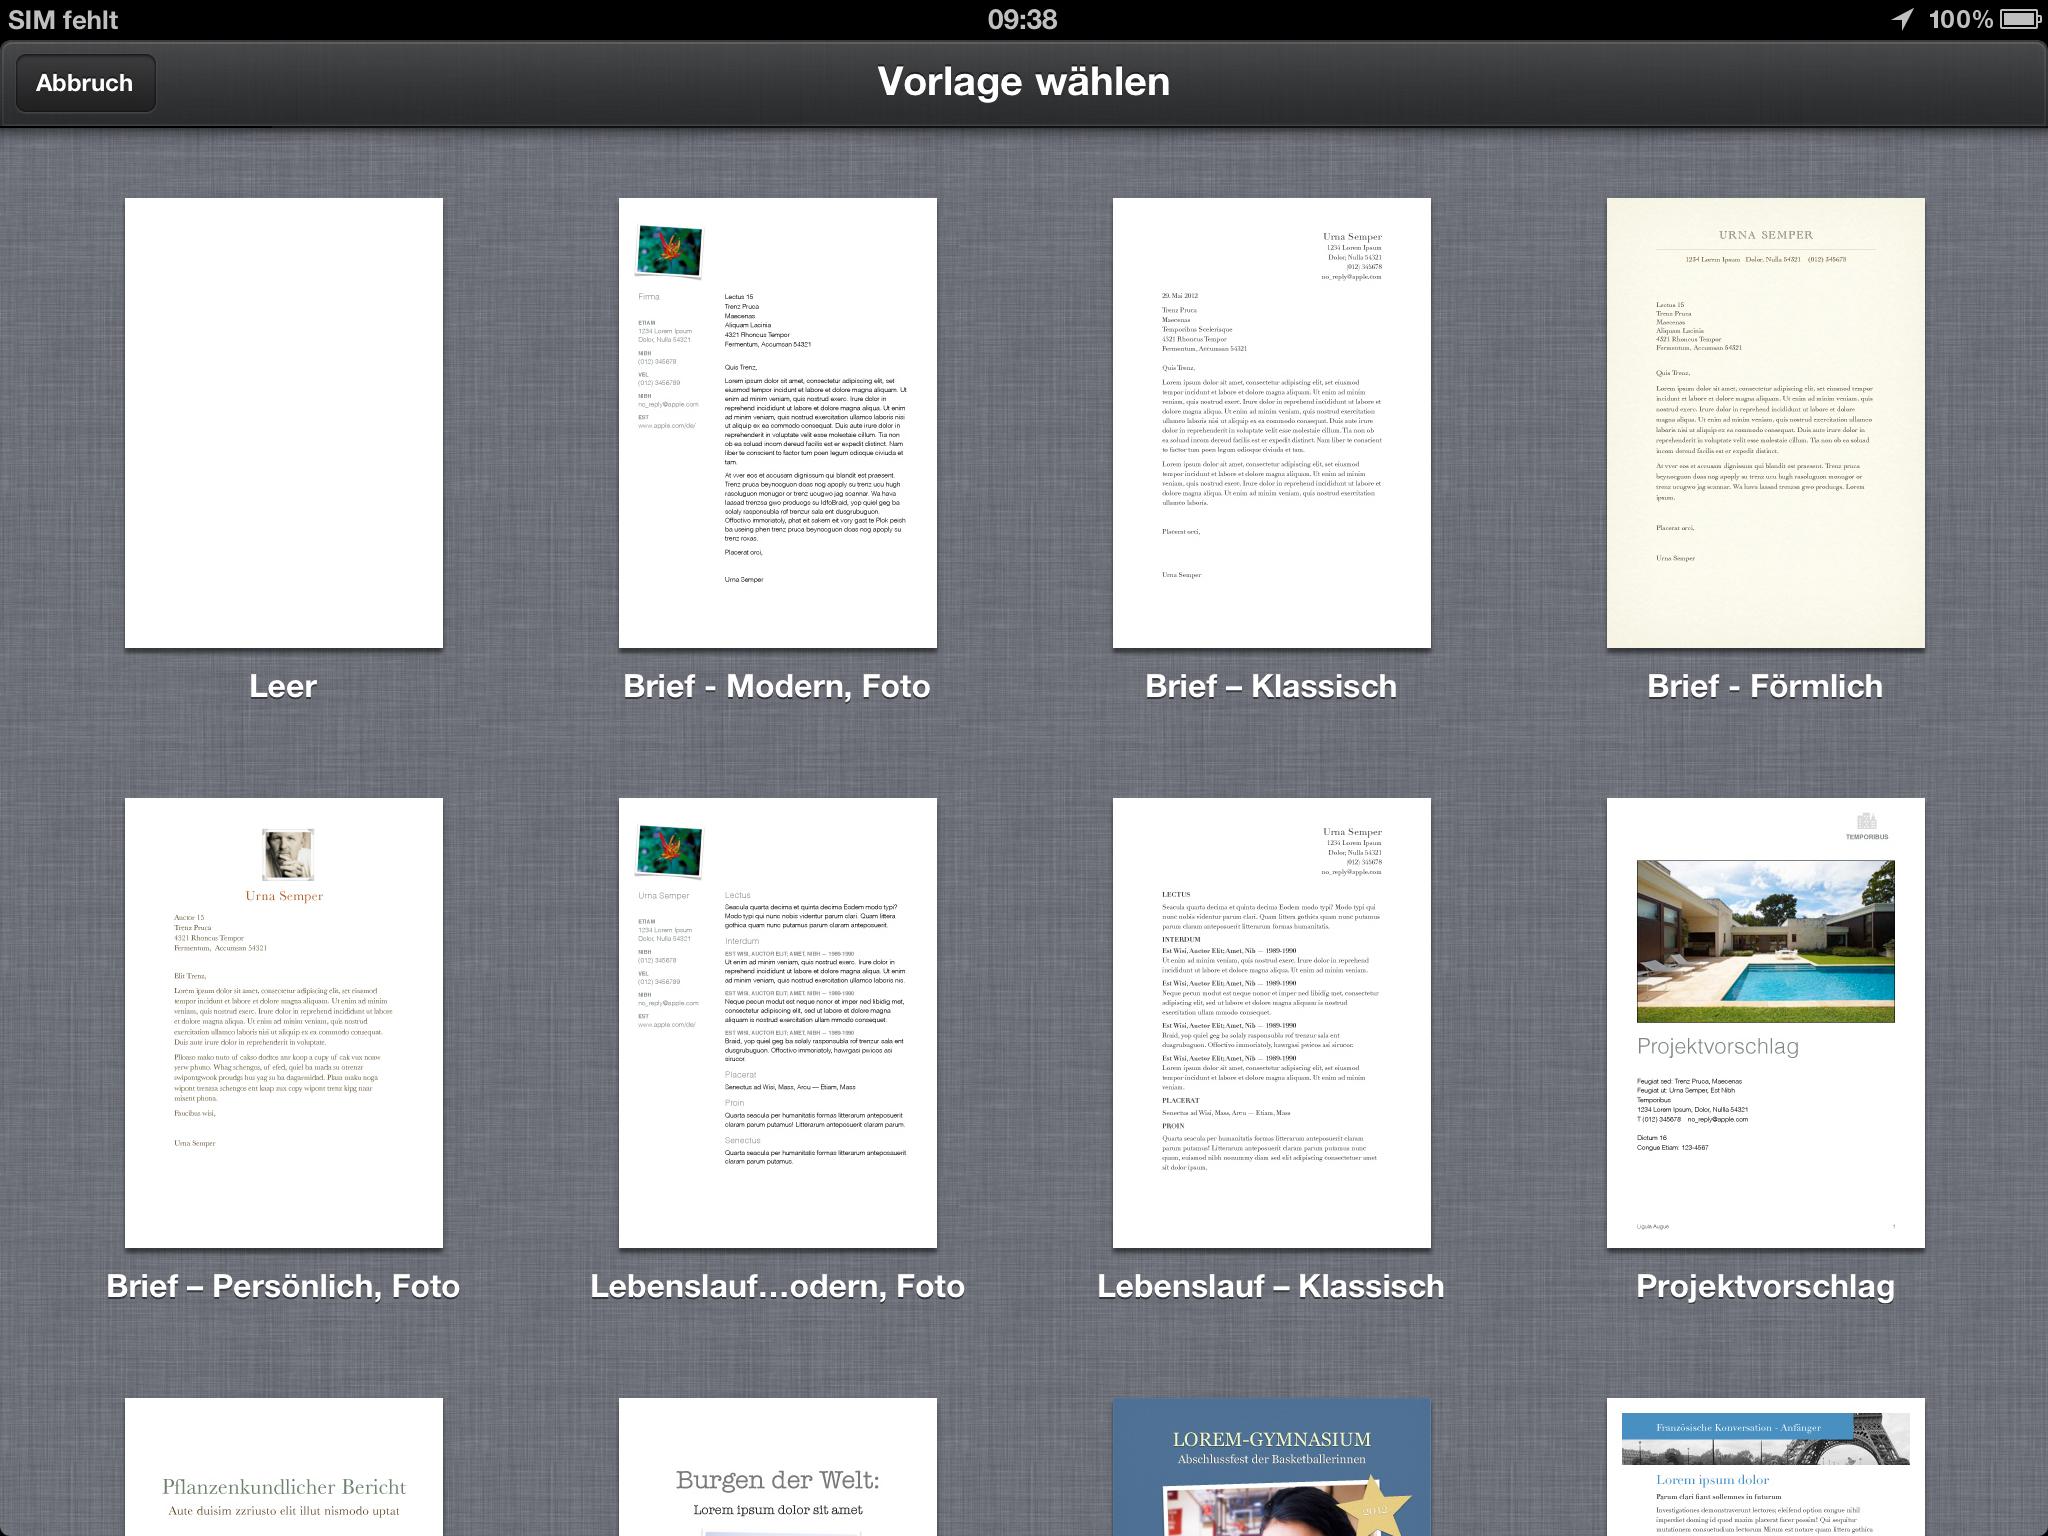 iPad 3 im Test: Gut für Einsteiger, nichts für iPad-2-Besitzer - ... und iPad 3